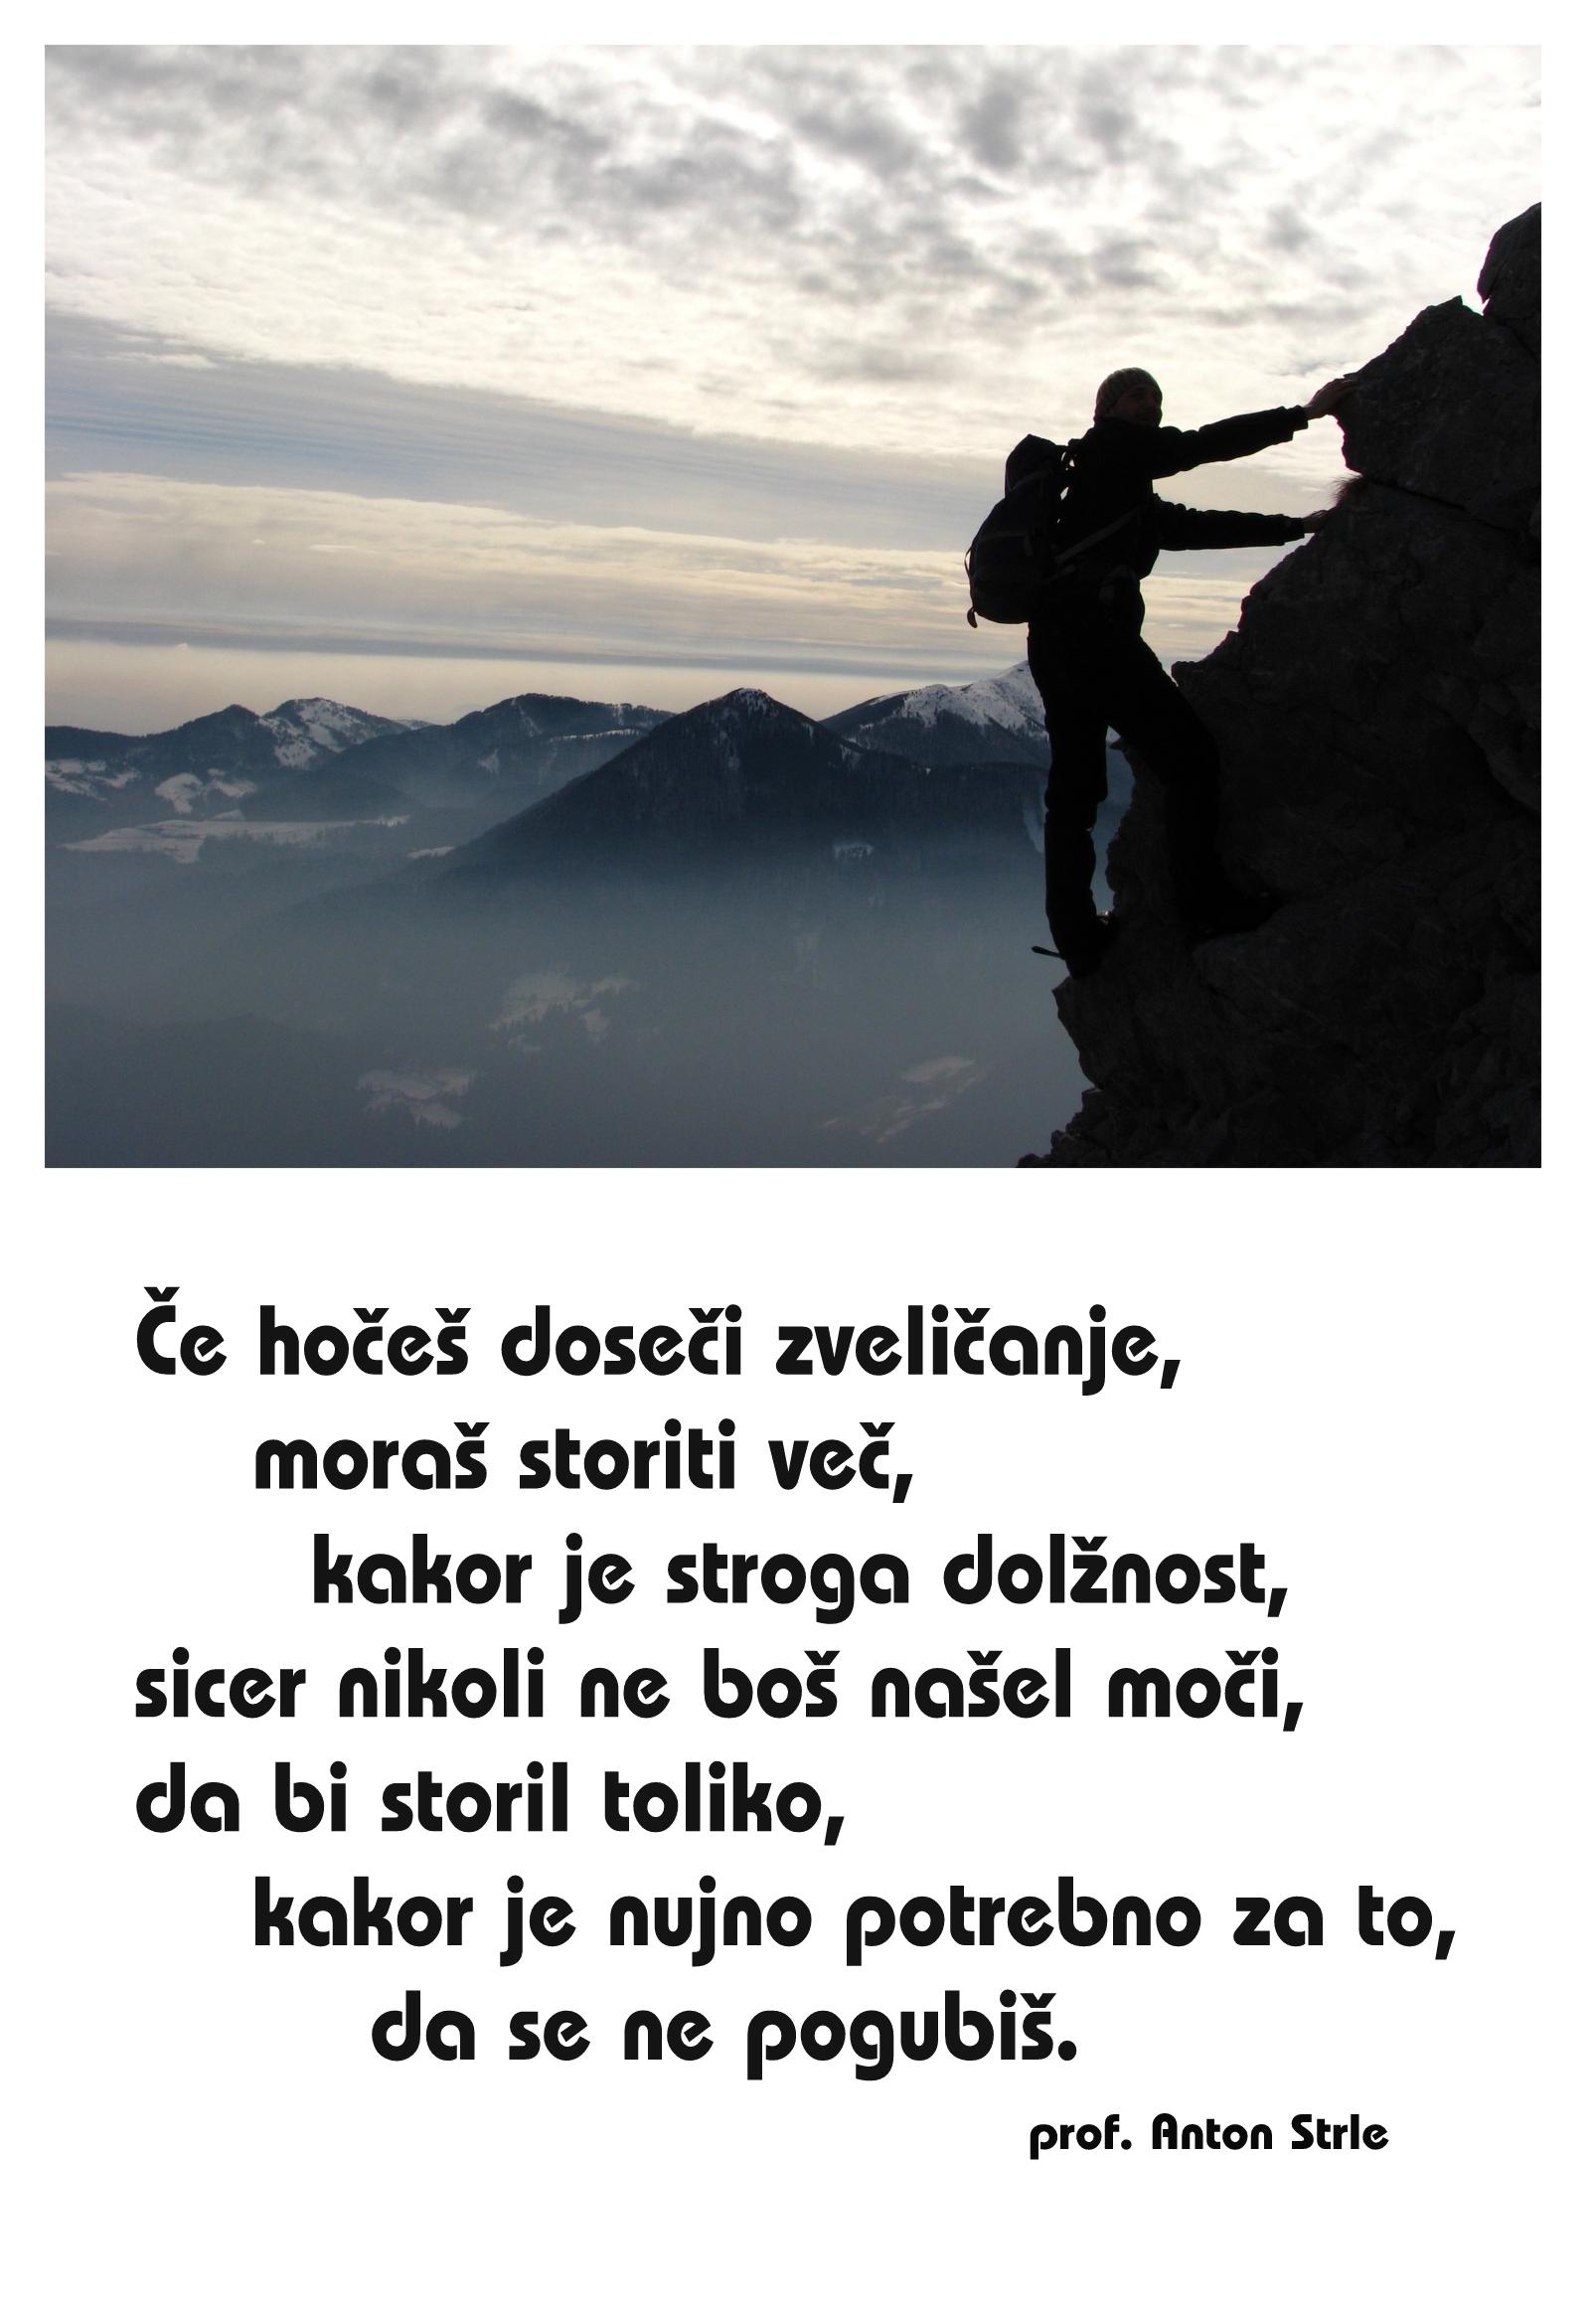 zvelicanje_as